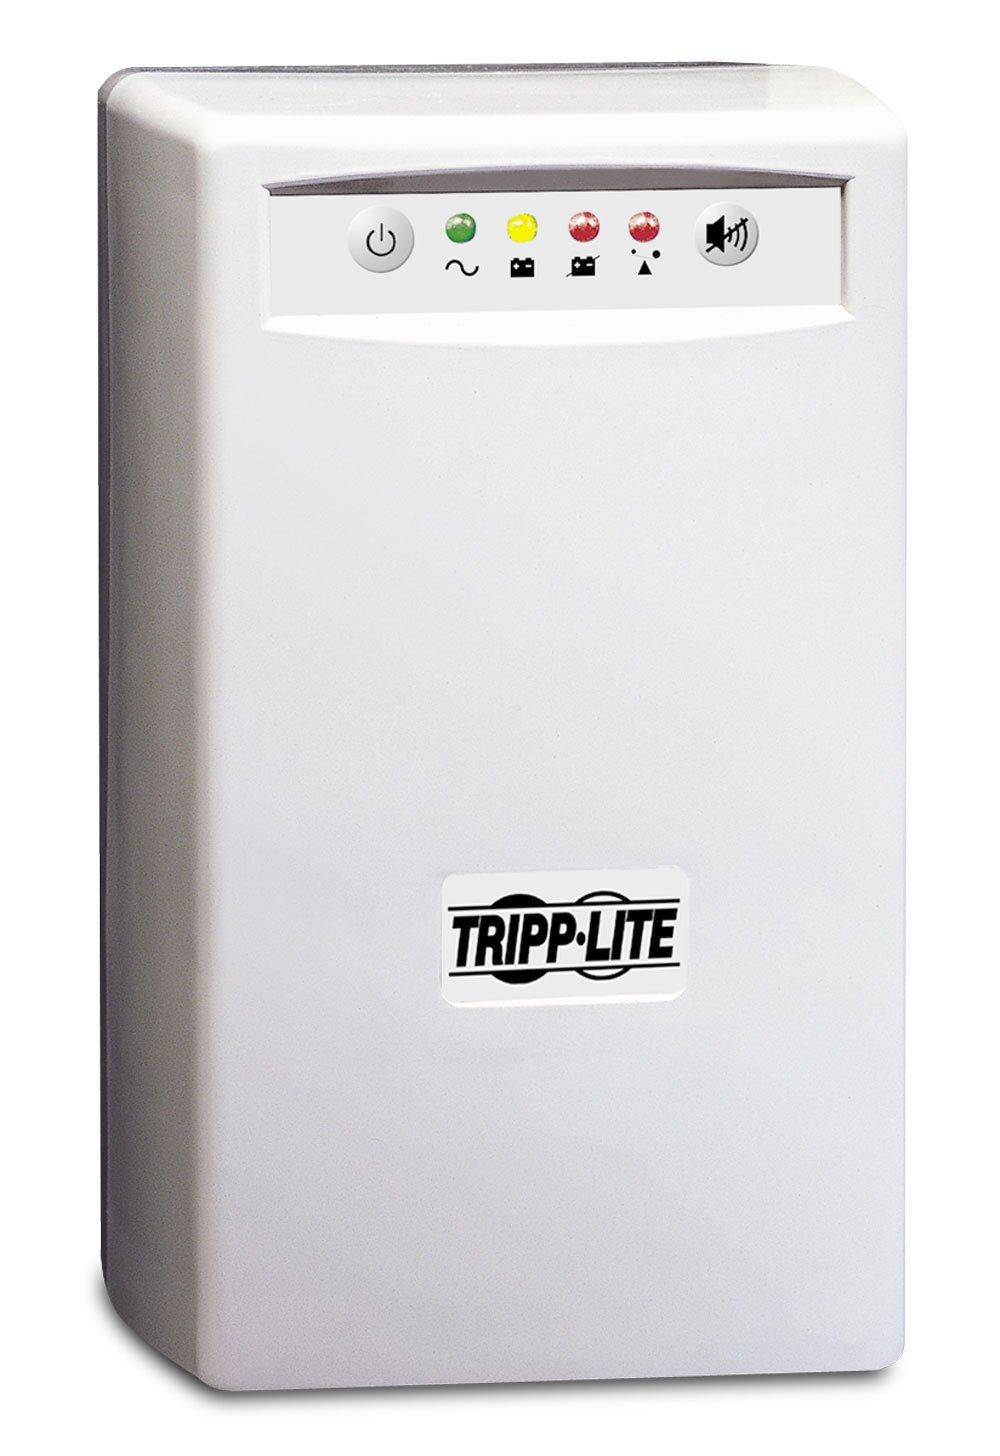 Tripp Lite INTERNETOFFICE500 500VA 280W UPS Desktop Battery Back Up Tower 120V USB RJ45 PC, 6 Outlets